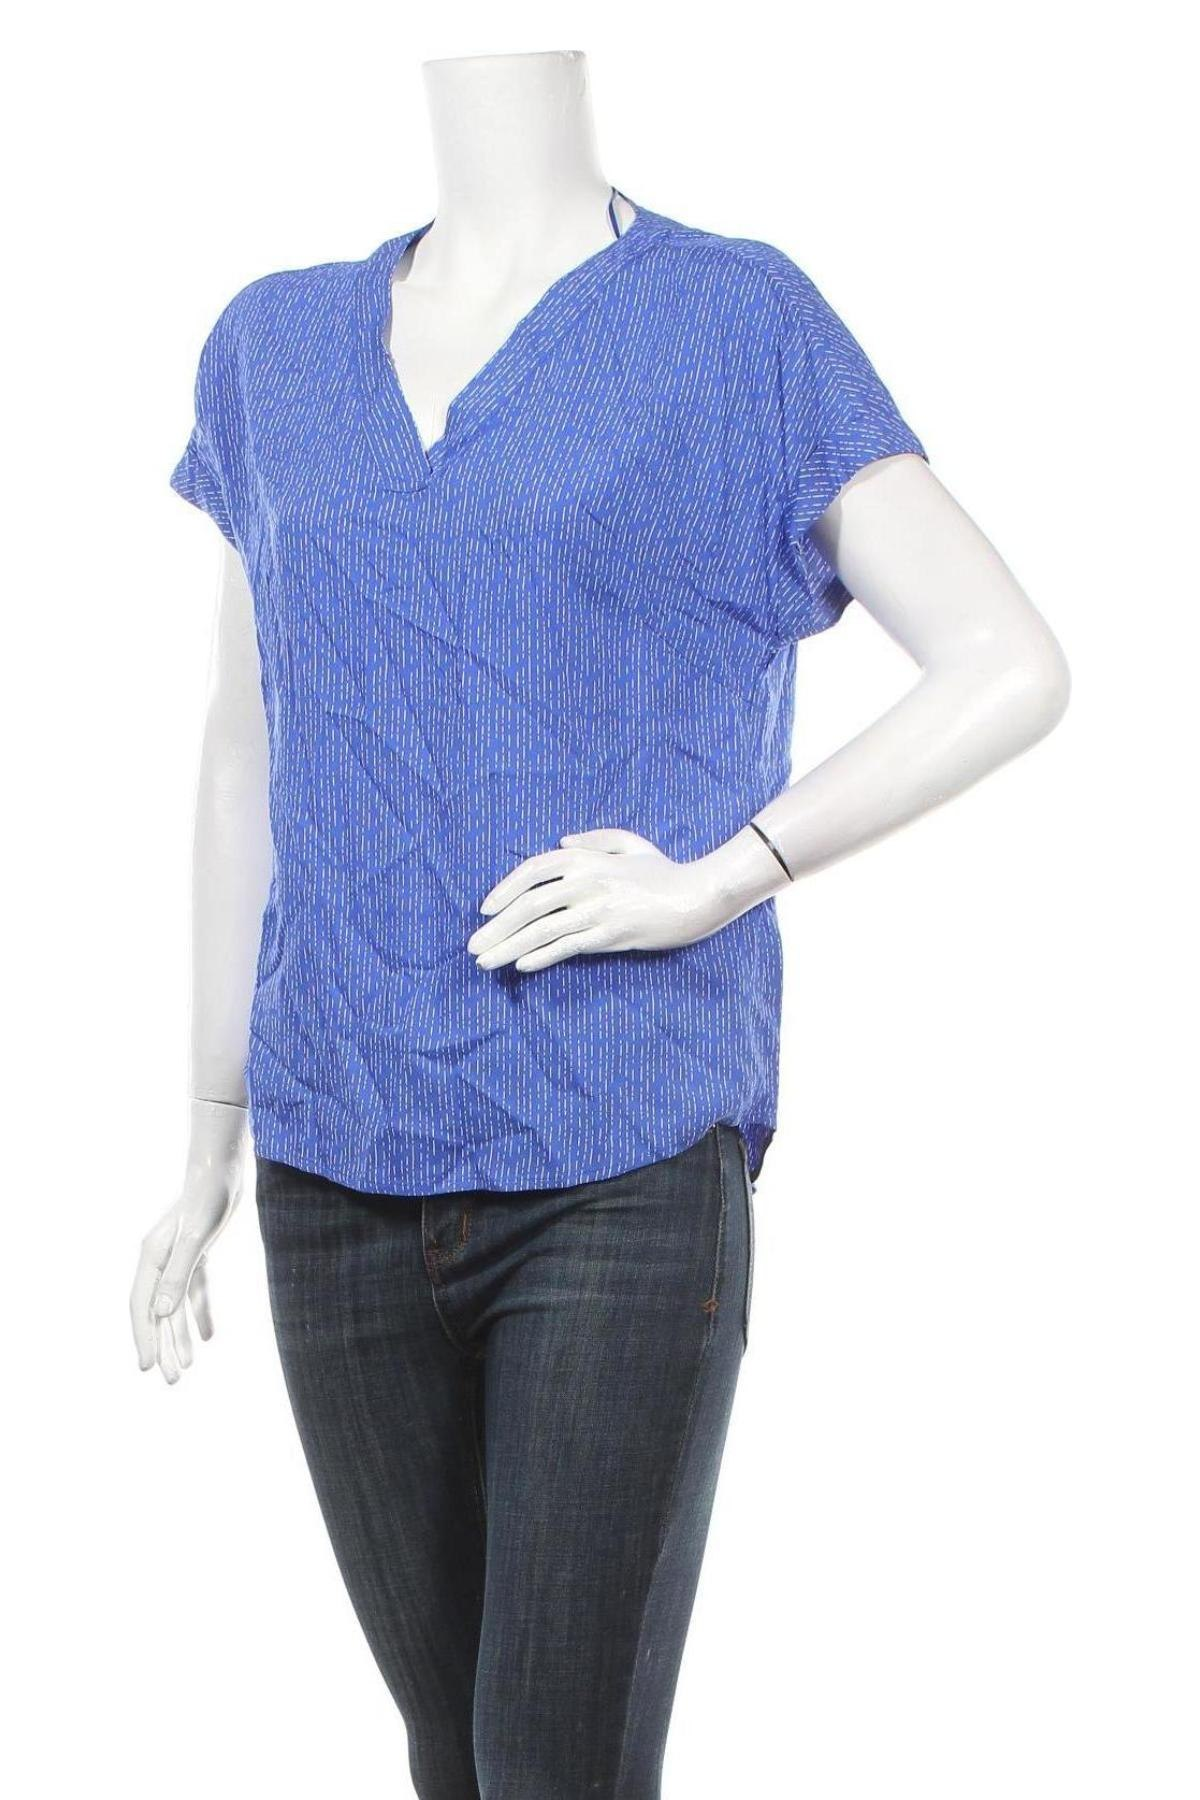 Γυναικεία μπλούζα Tom Tailor, Μέγεθος S, Χρώμα Μπλέ, Βισκόζη, Τιμή 22,81€